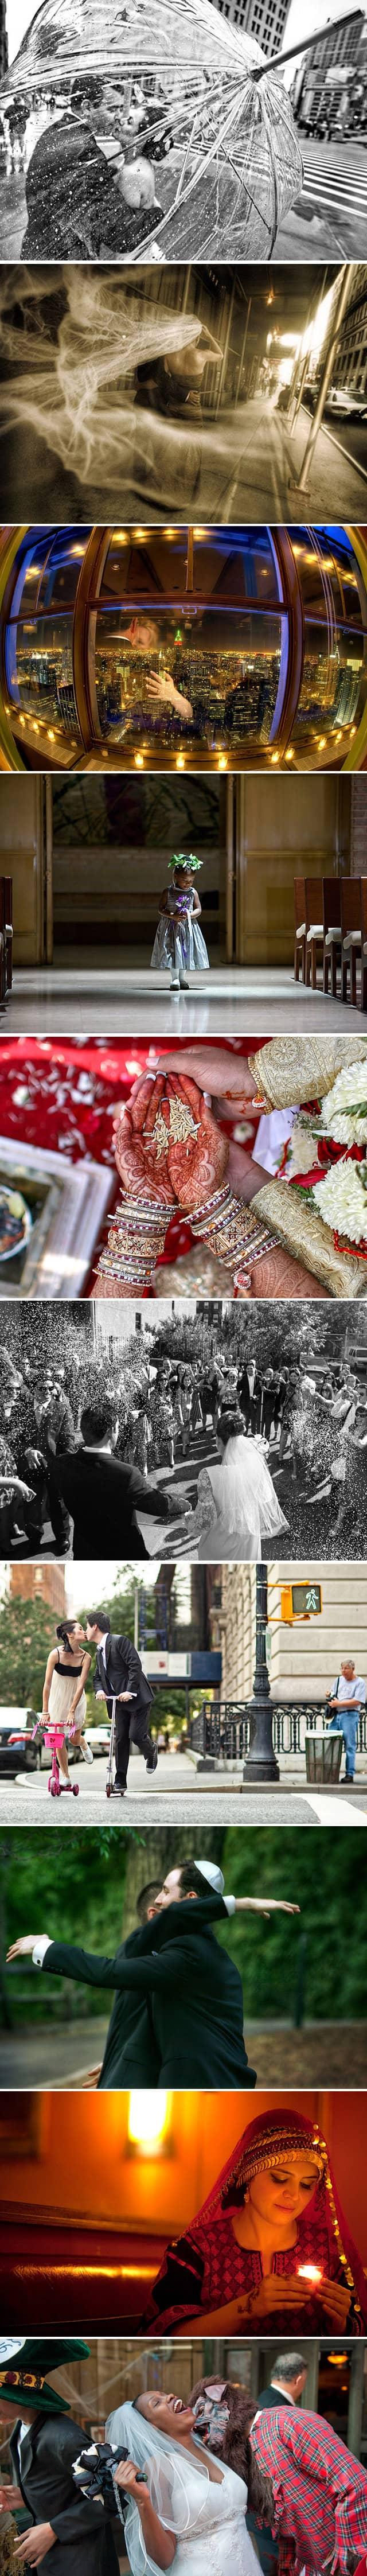 Fotógrafo registra casamentos de várias culturas ao redor do mundo de forma encantadora 6